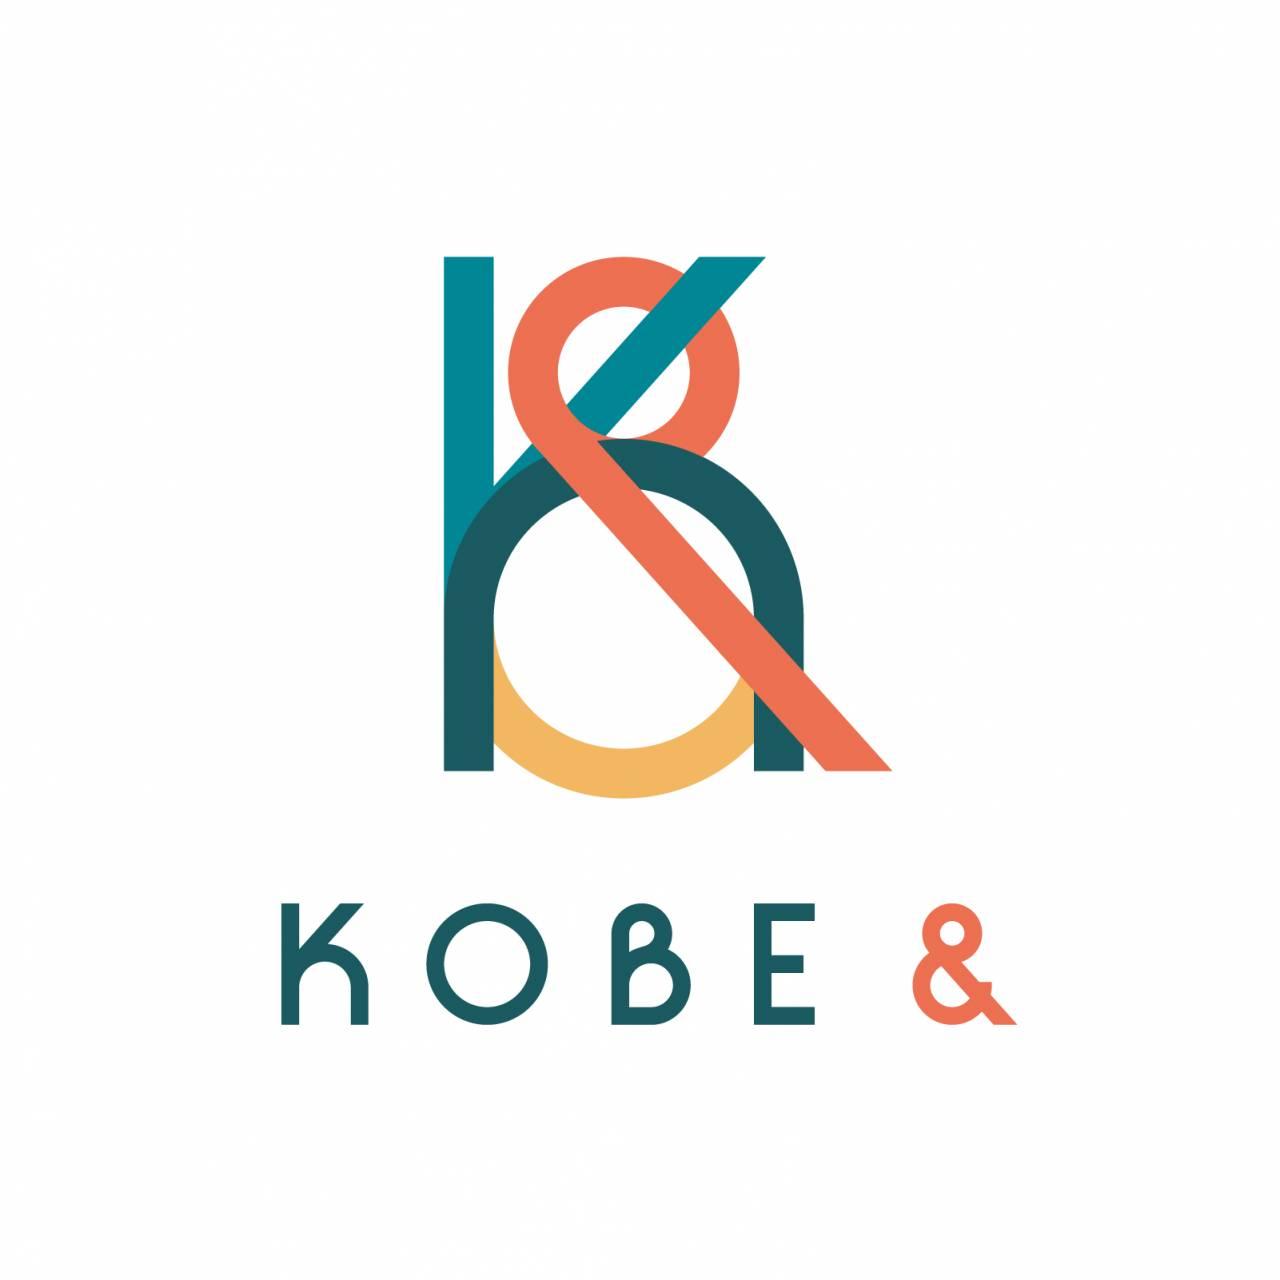 KOBE&